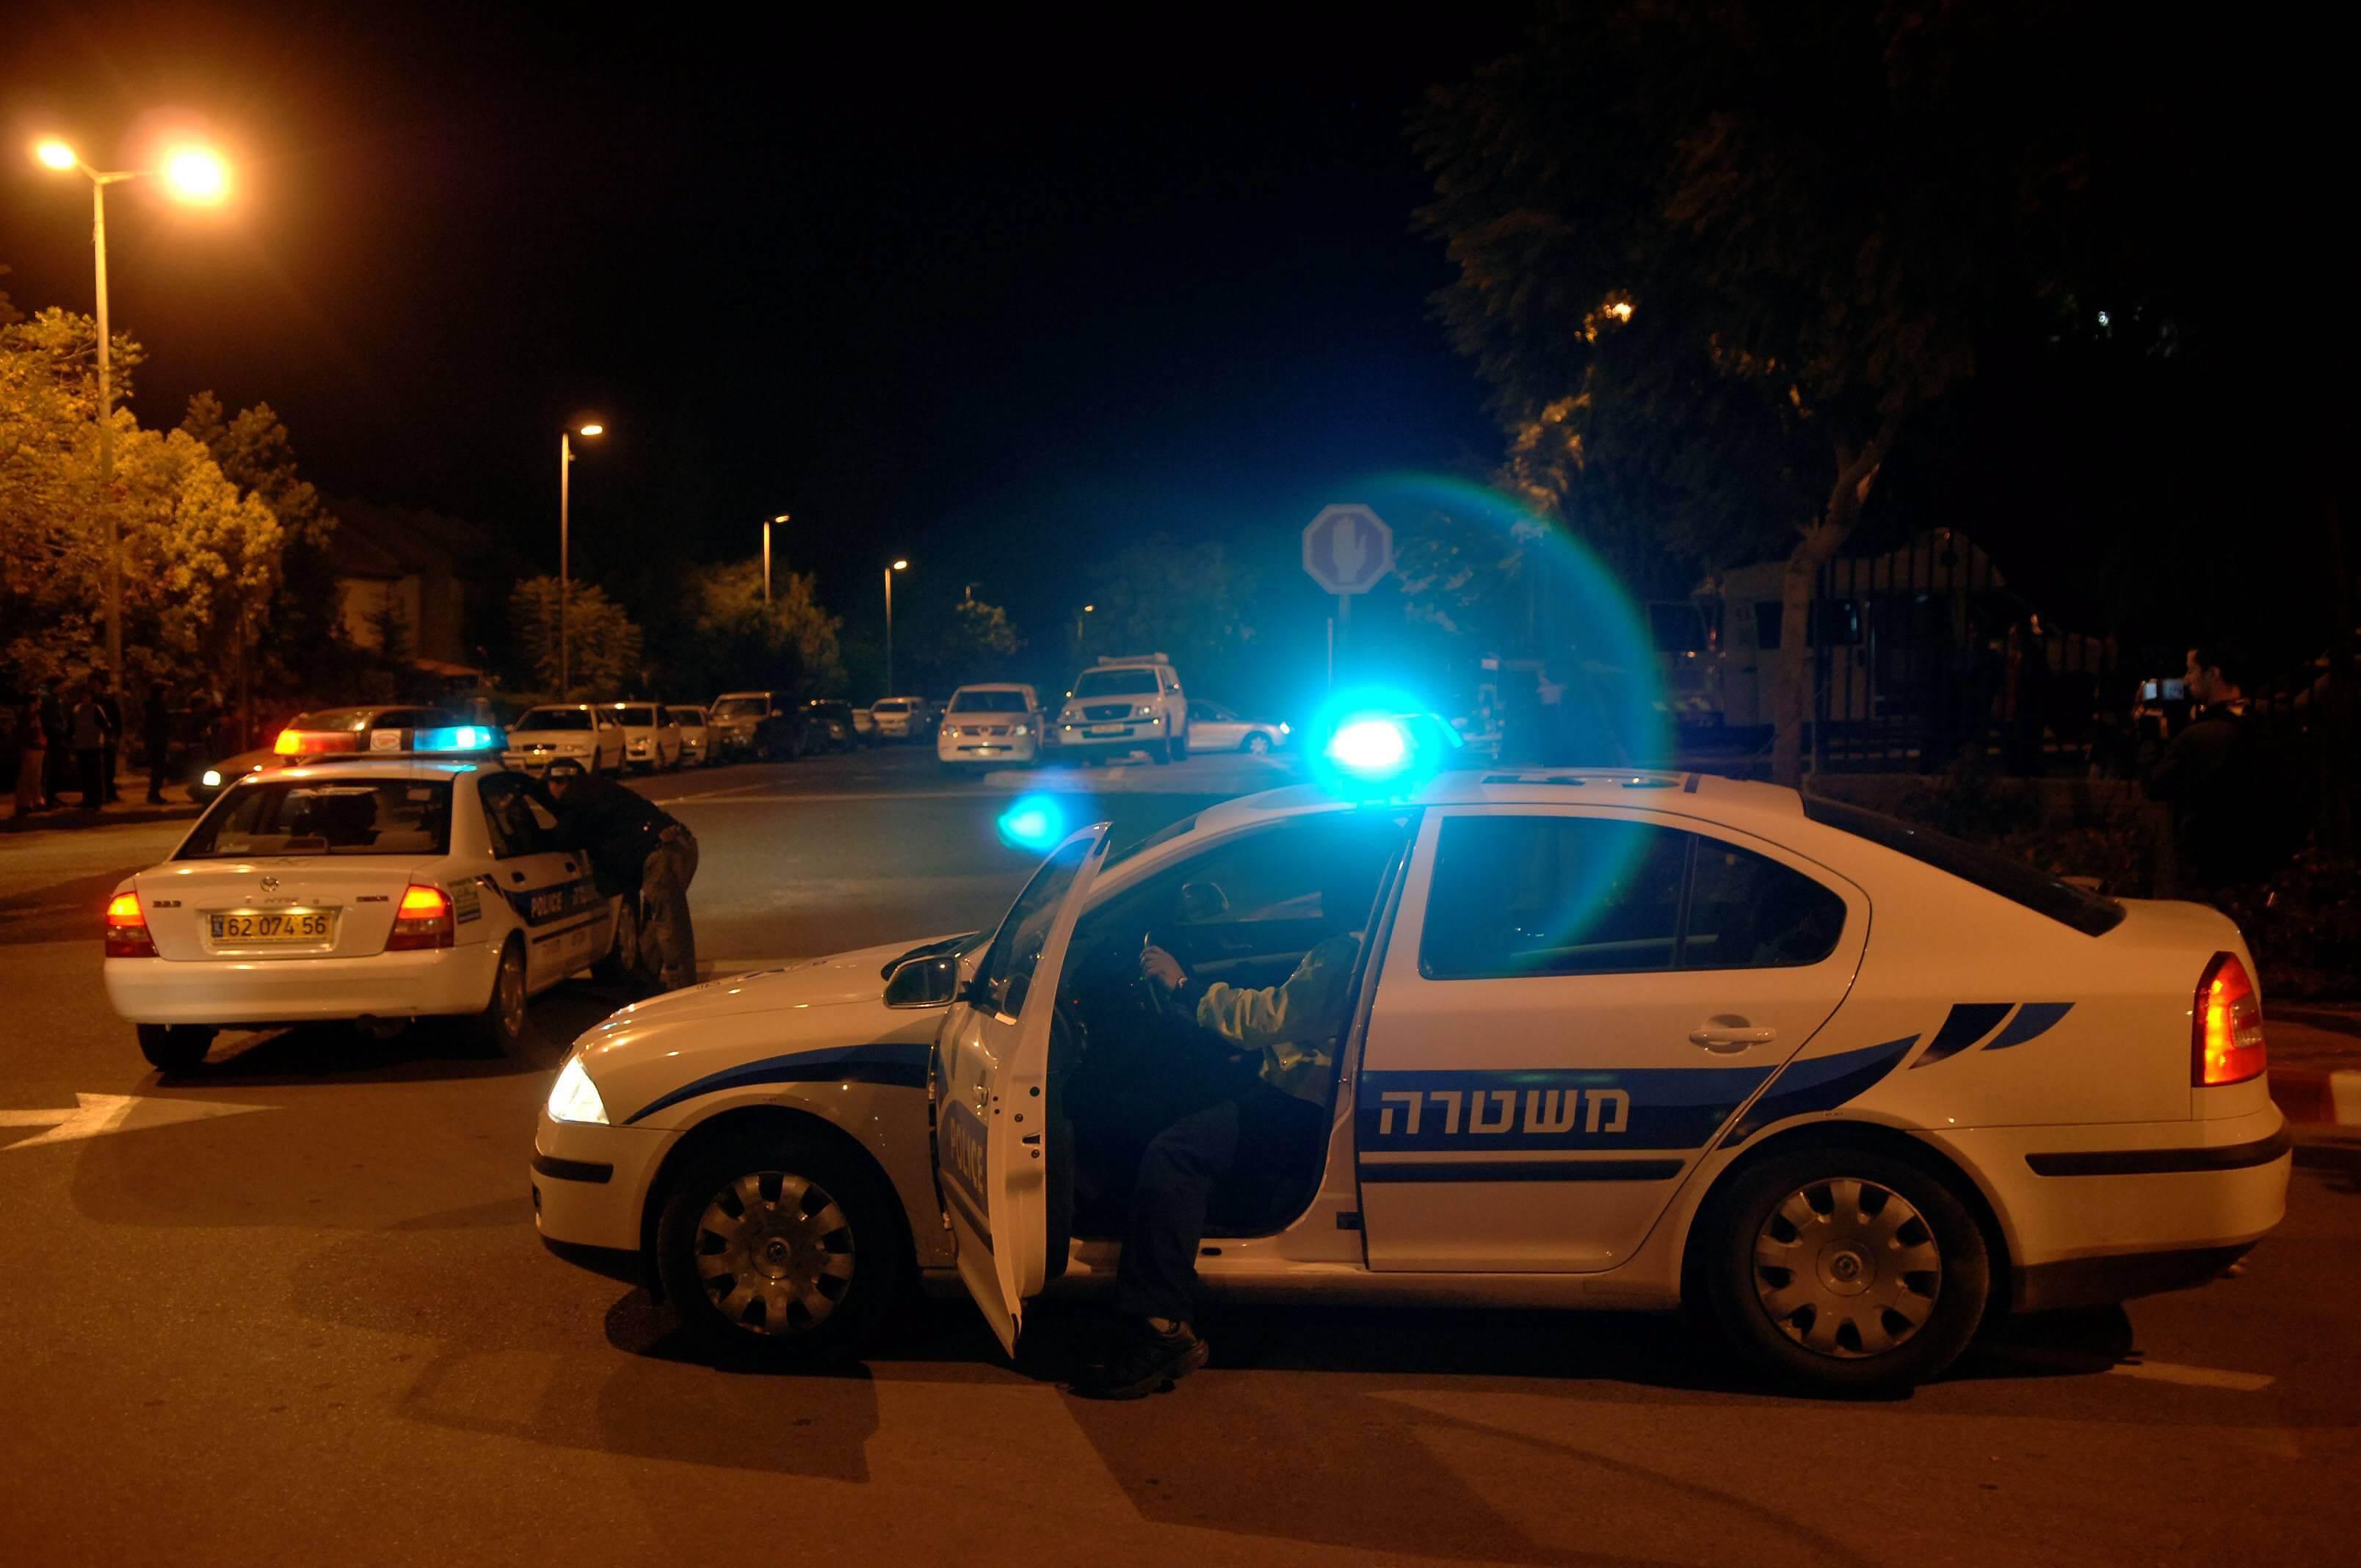 המשטרה בפעולה. החשוד נעצר (צילום: ירון קמינסקי)